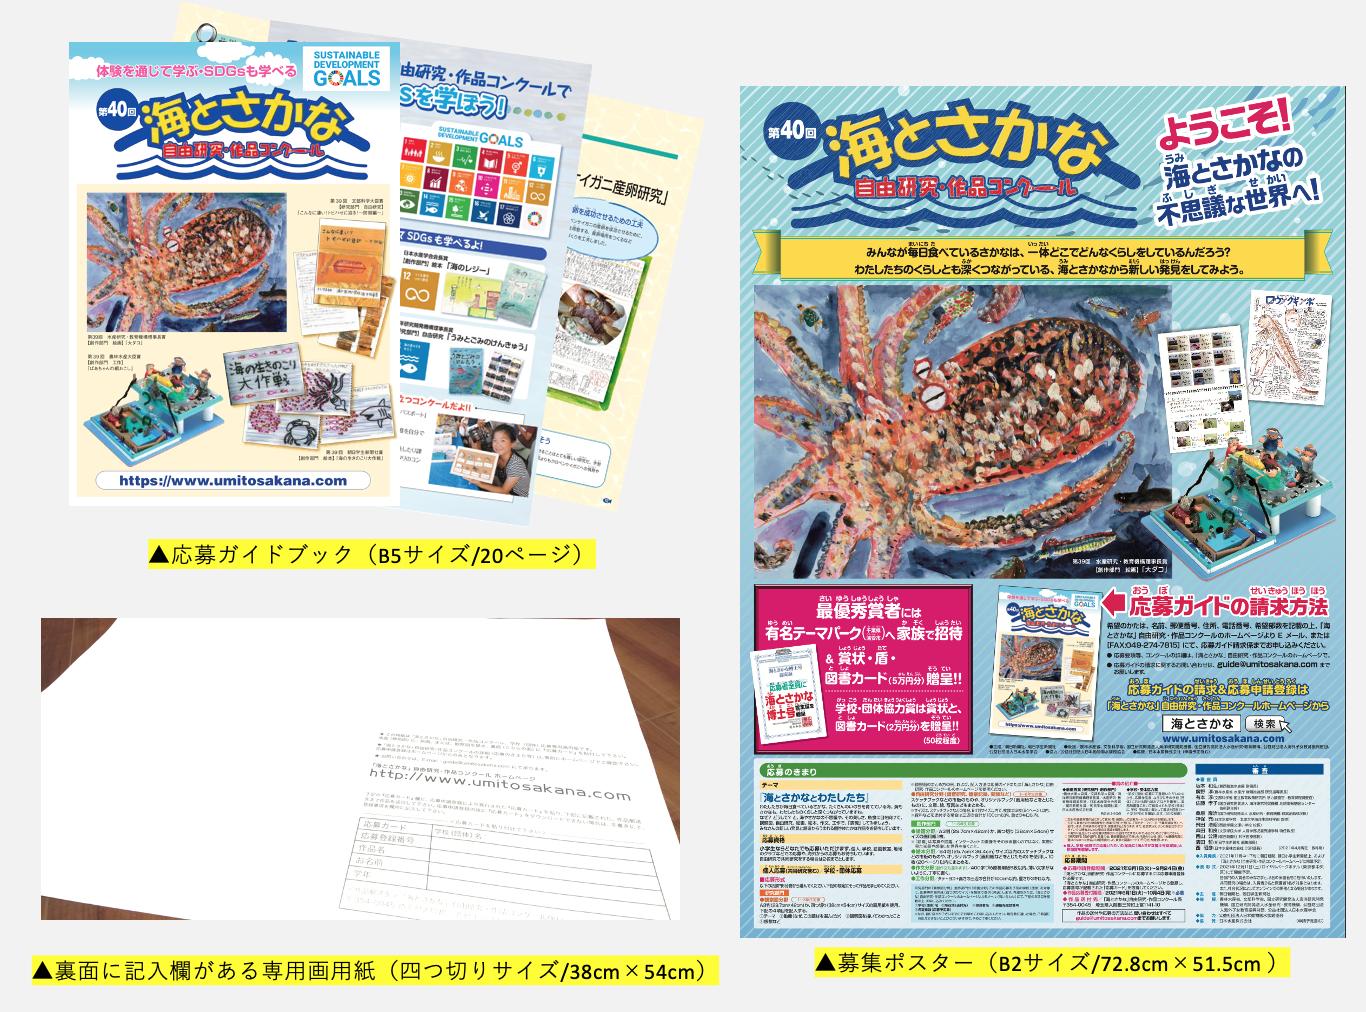 作品づくりをサポートする応募ガイドブック・<br>募集ポスター・専用画用紙を無料プレゼント!